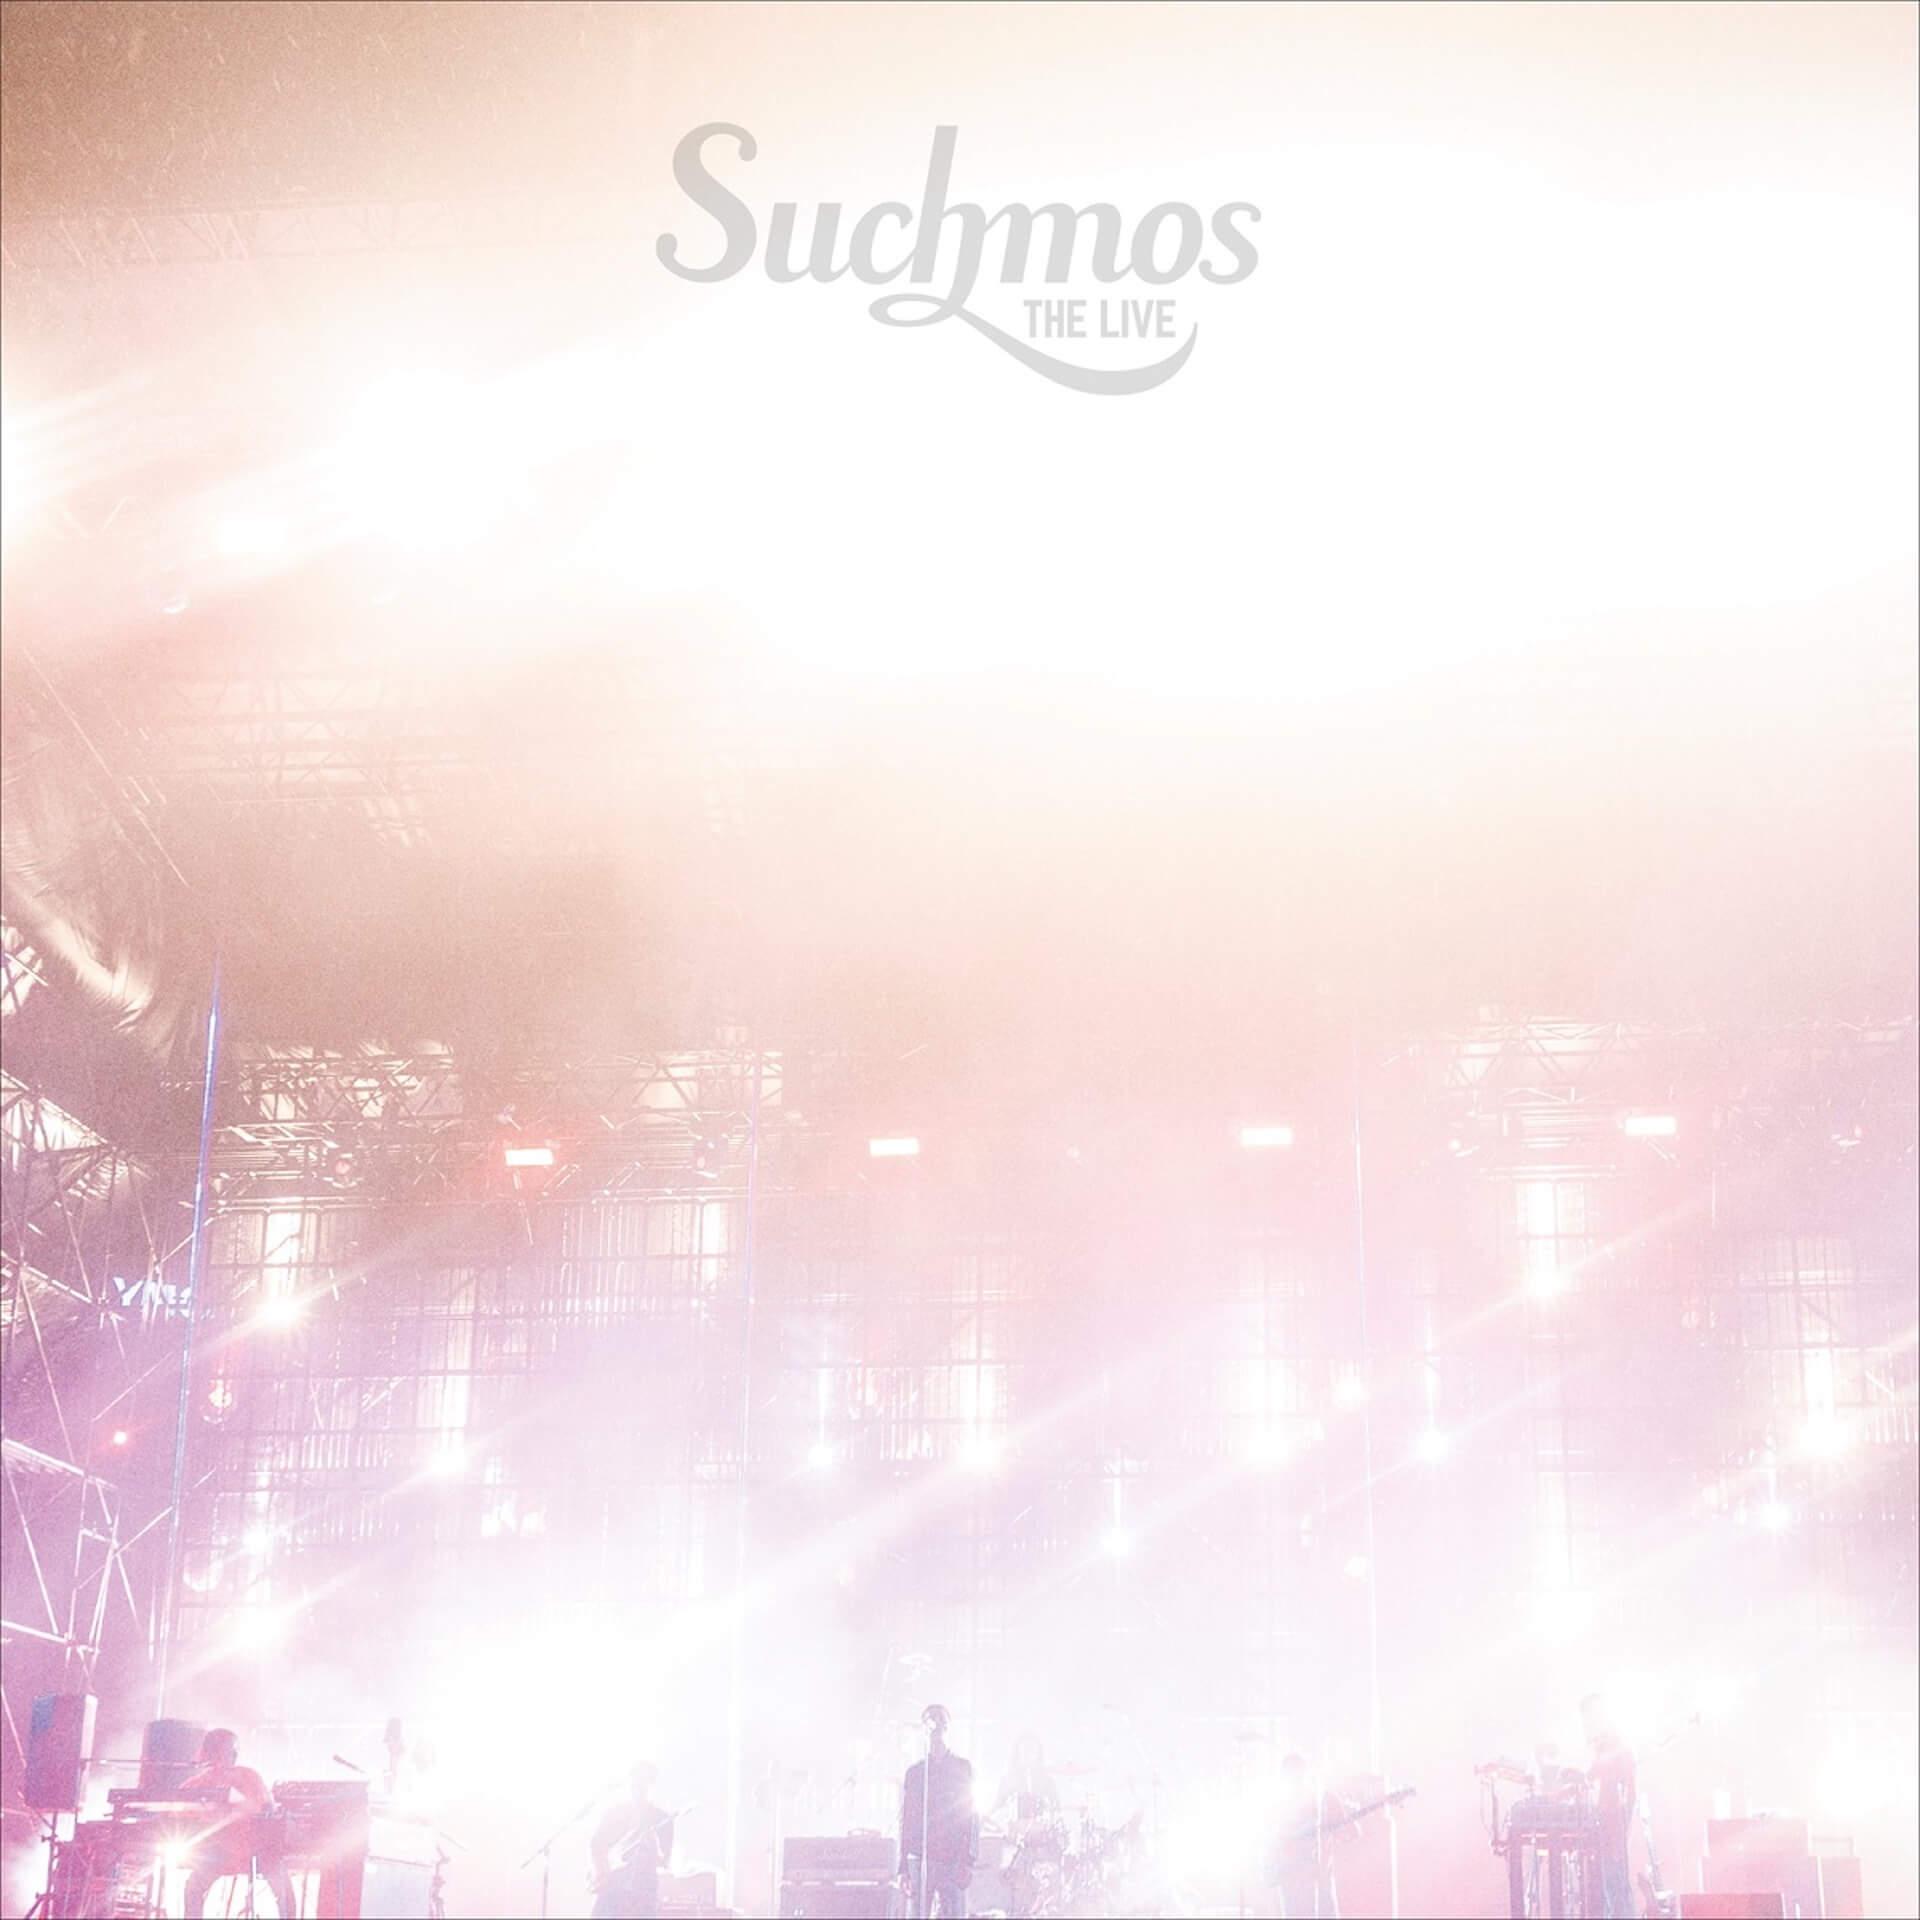 Suchmos、今週末生配信の<LIVEWIRE>ですべて新曲で構成したパフォーマンスを敢行!プレゼントが当たるTwitterキャンペーンも実施 music200716_suchmos_1